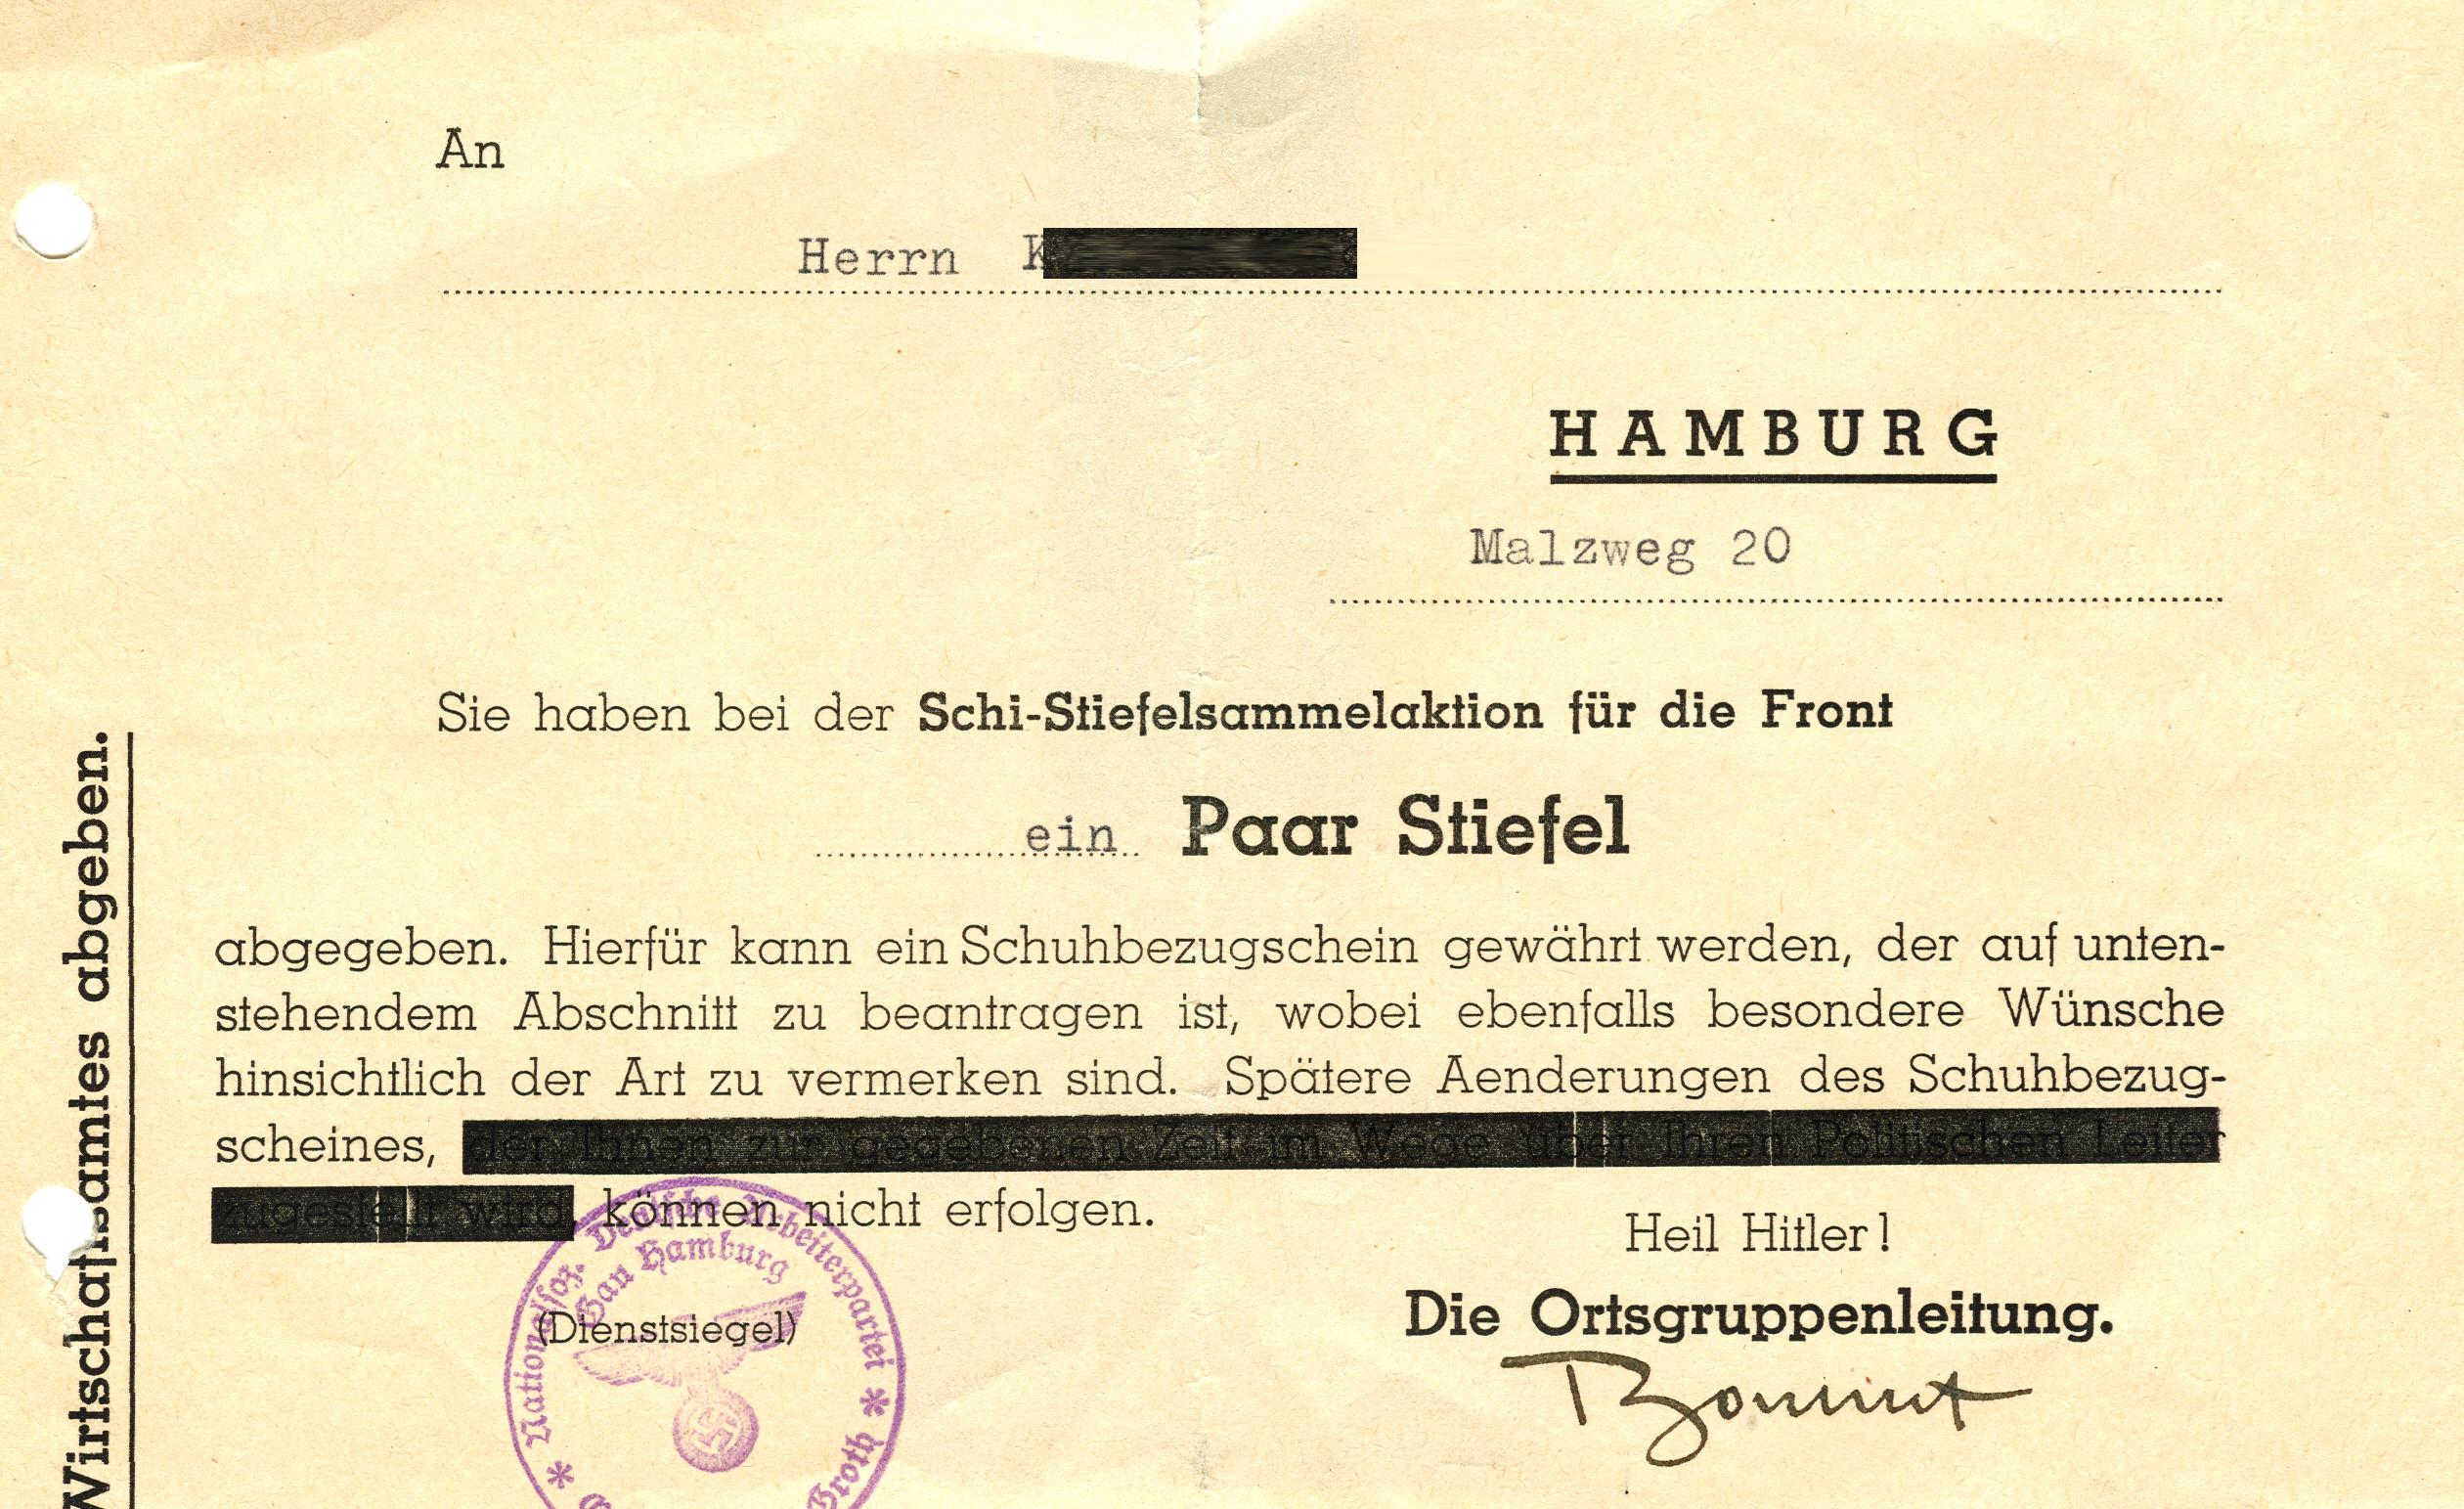 Schi-Stiefelsammlung für die Front, 1943, NSDAP